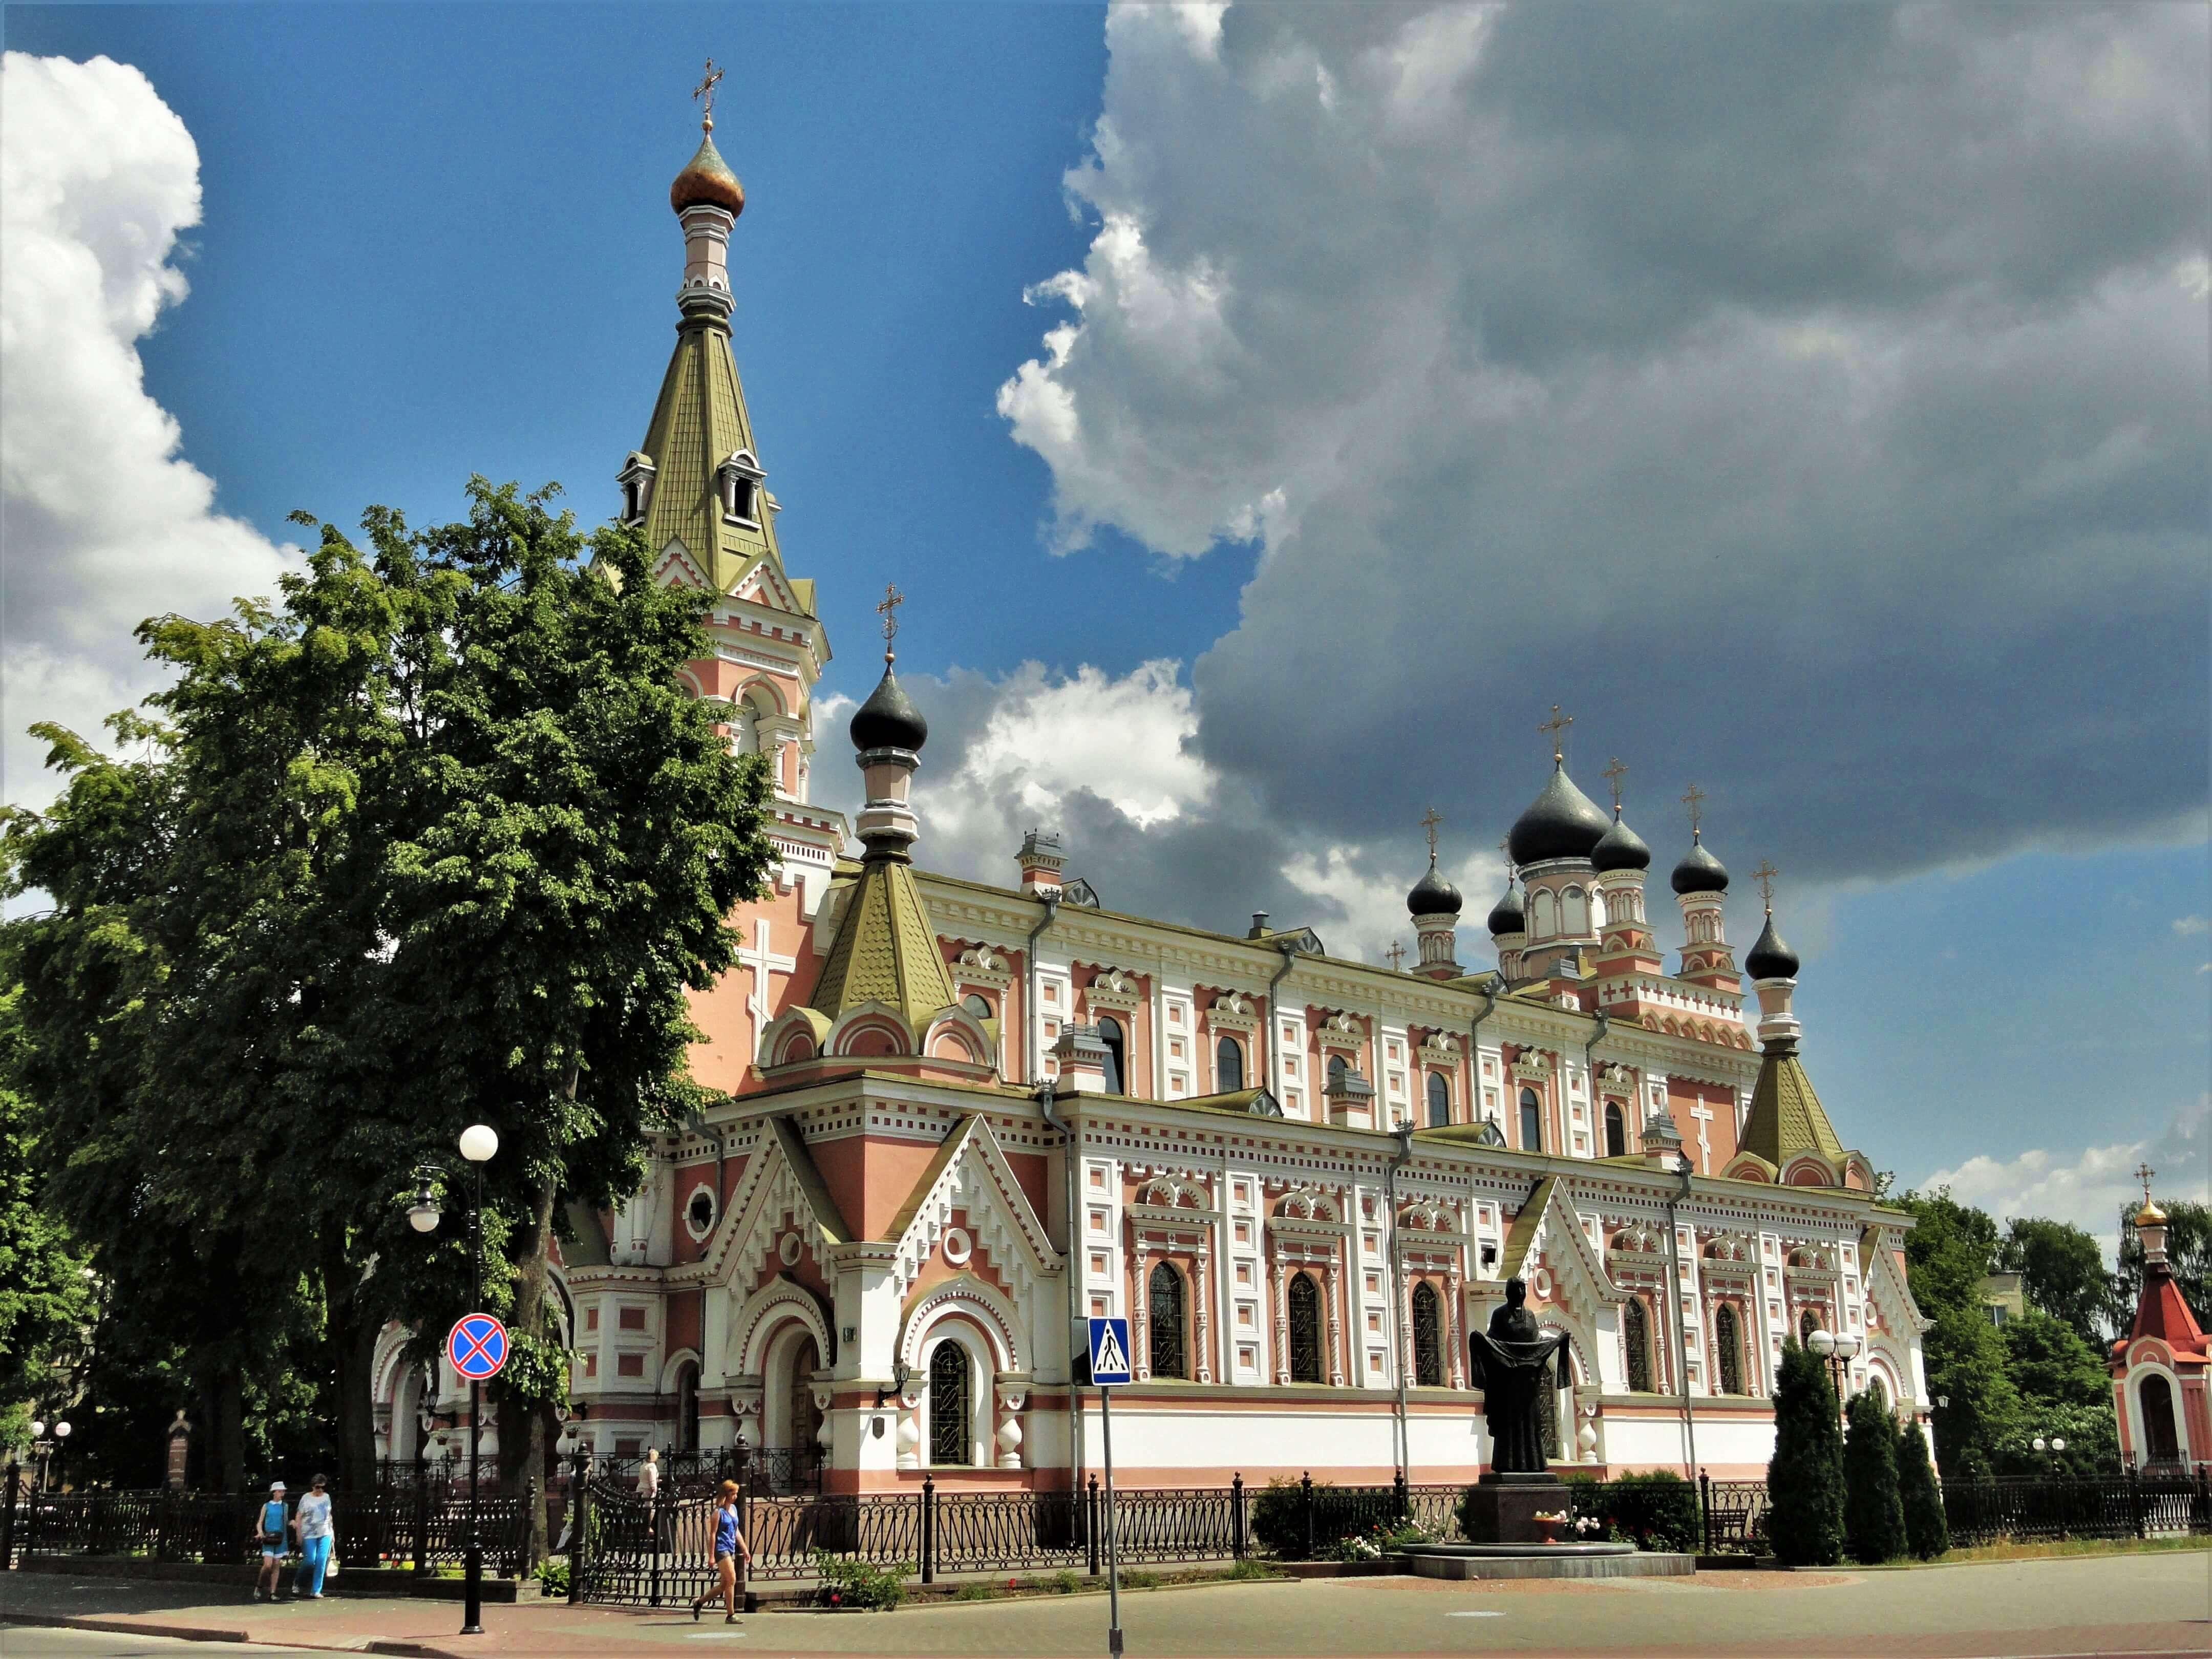 Свято-Покровский кафедральный православный собор, достопримечательности Гродно